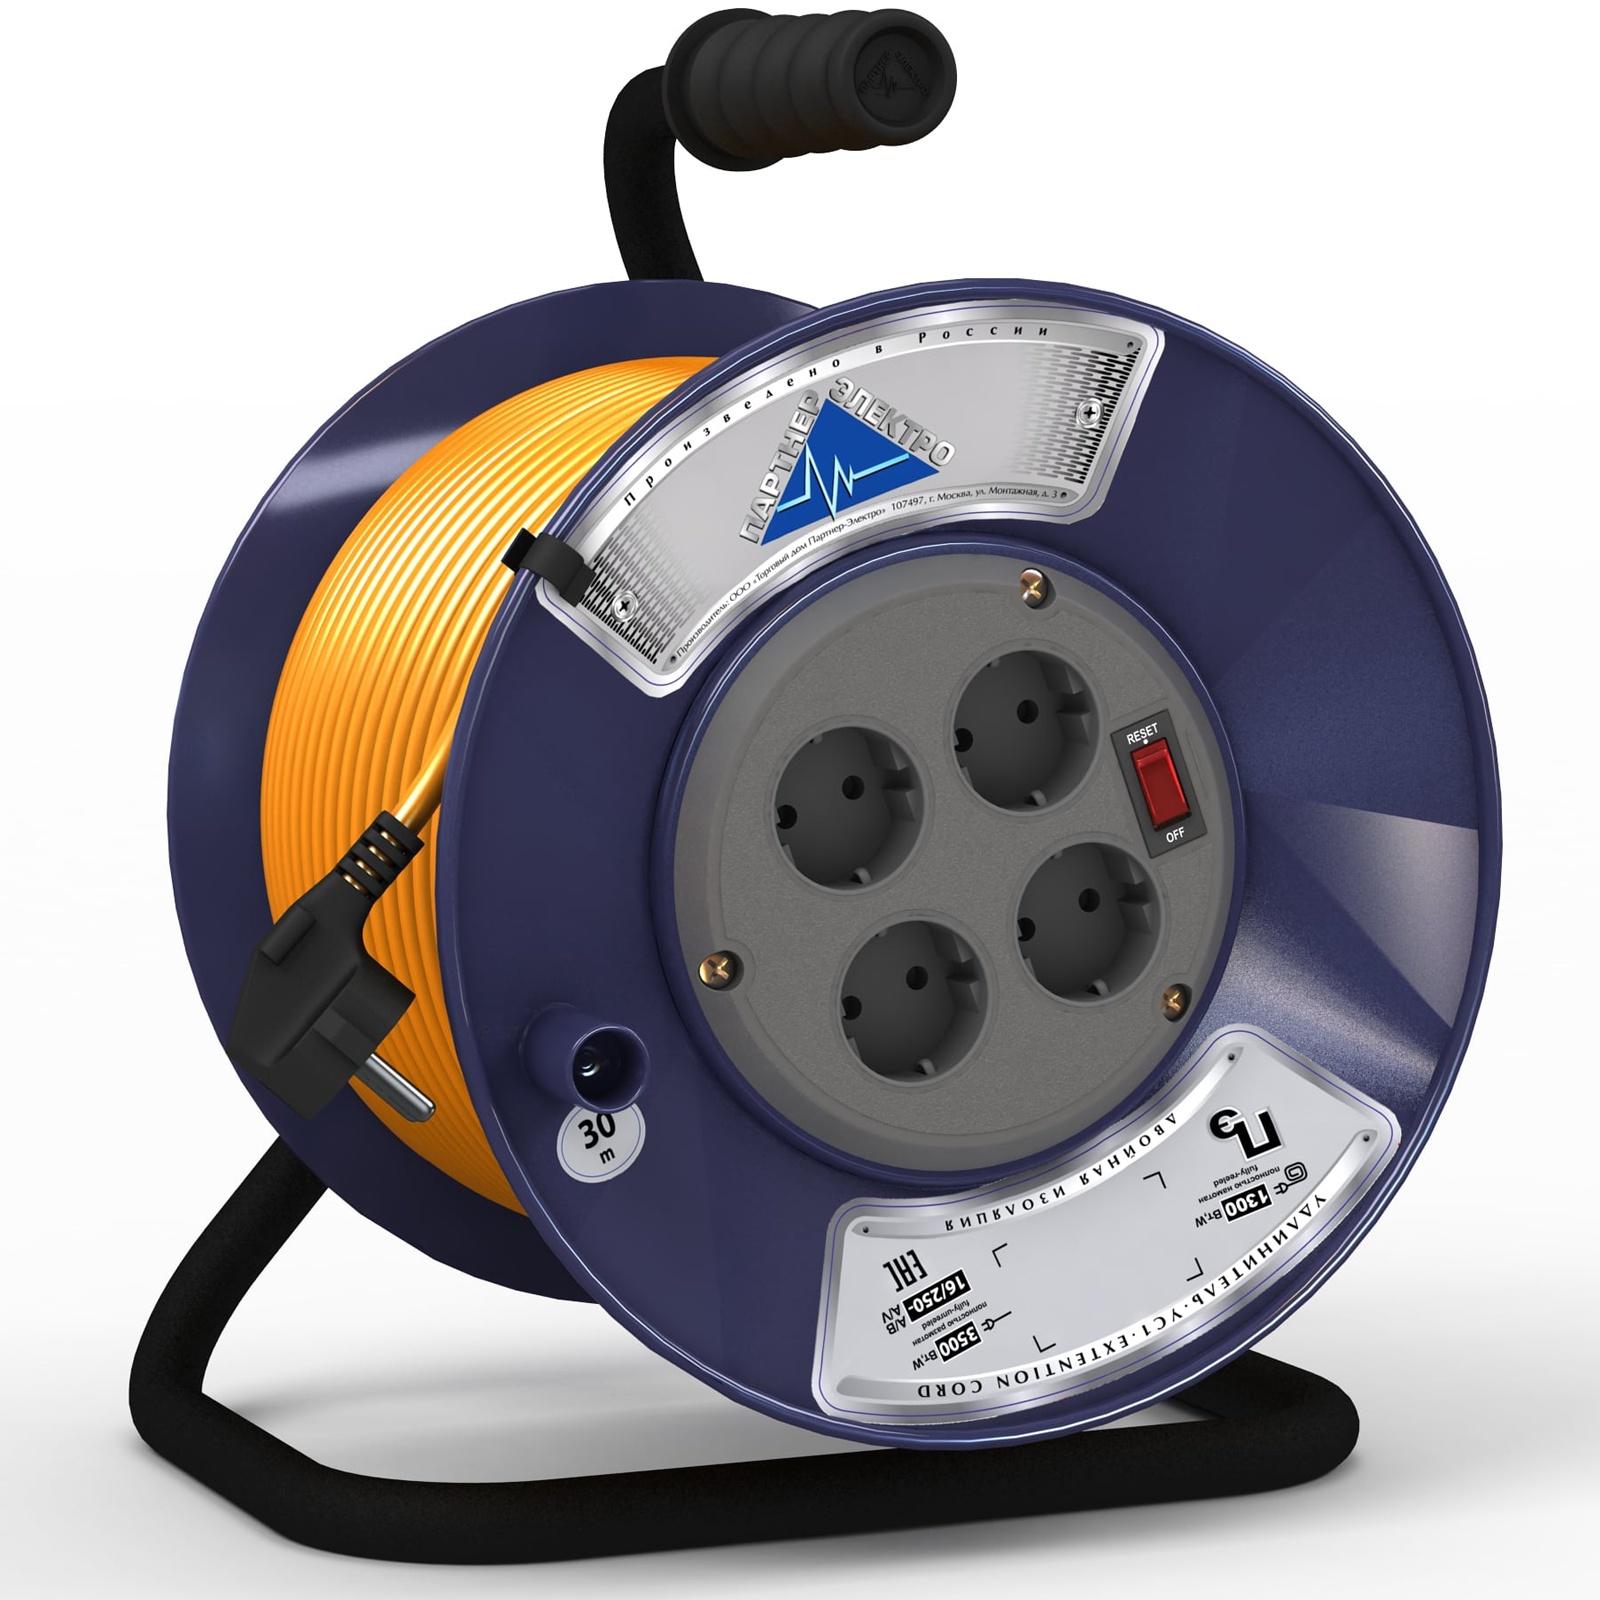 Удлинитель Партнер-Электро ПВС 3х0,75 ГОСТ,10A,30 метров,на пластиковой катушке 4 гнезда,с выключателем.